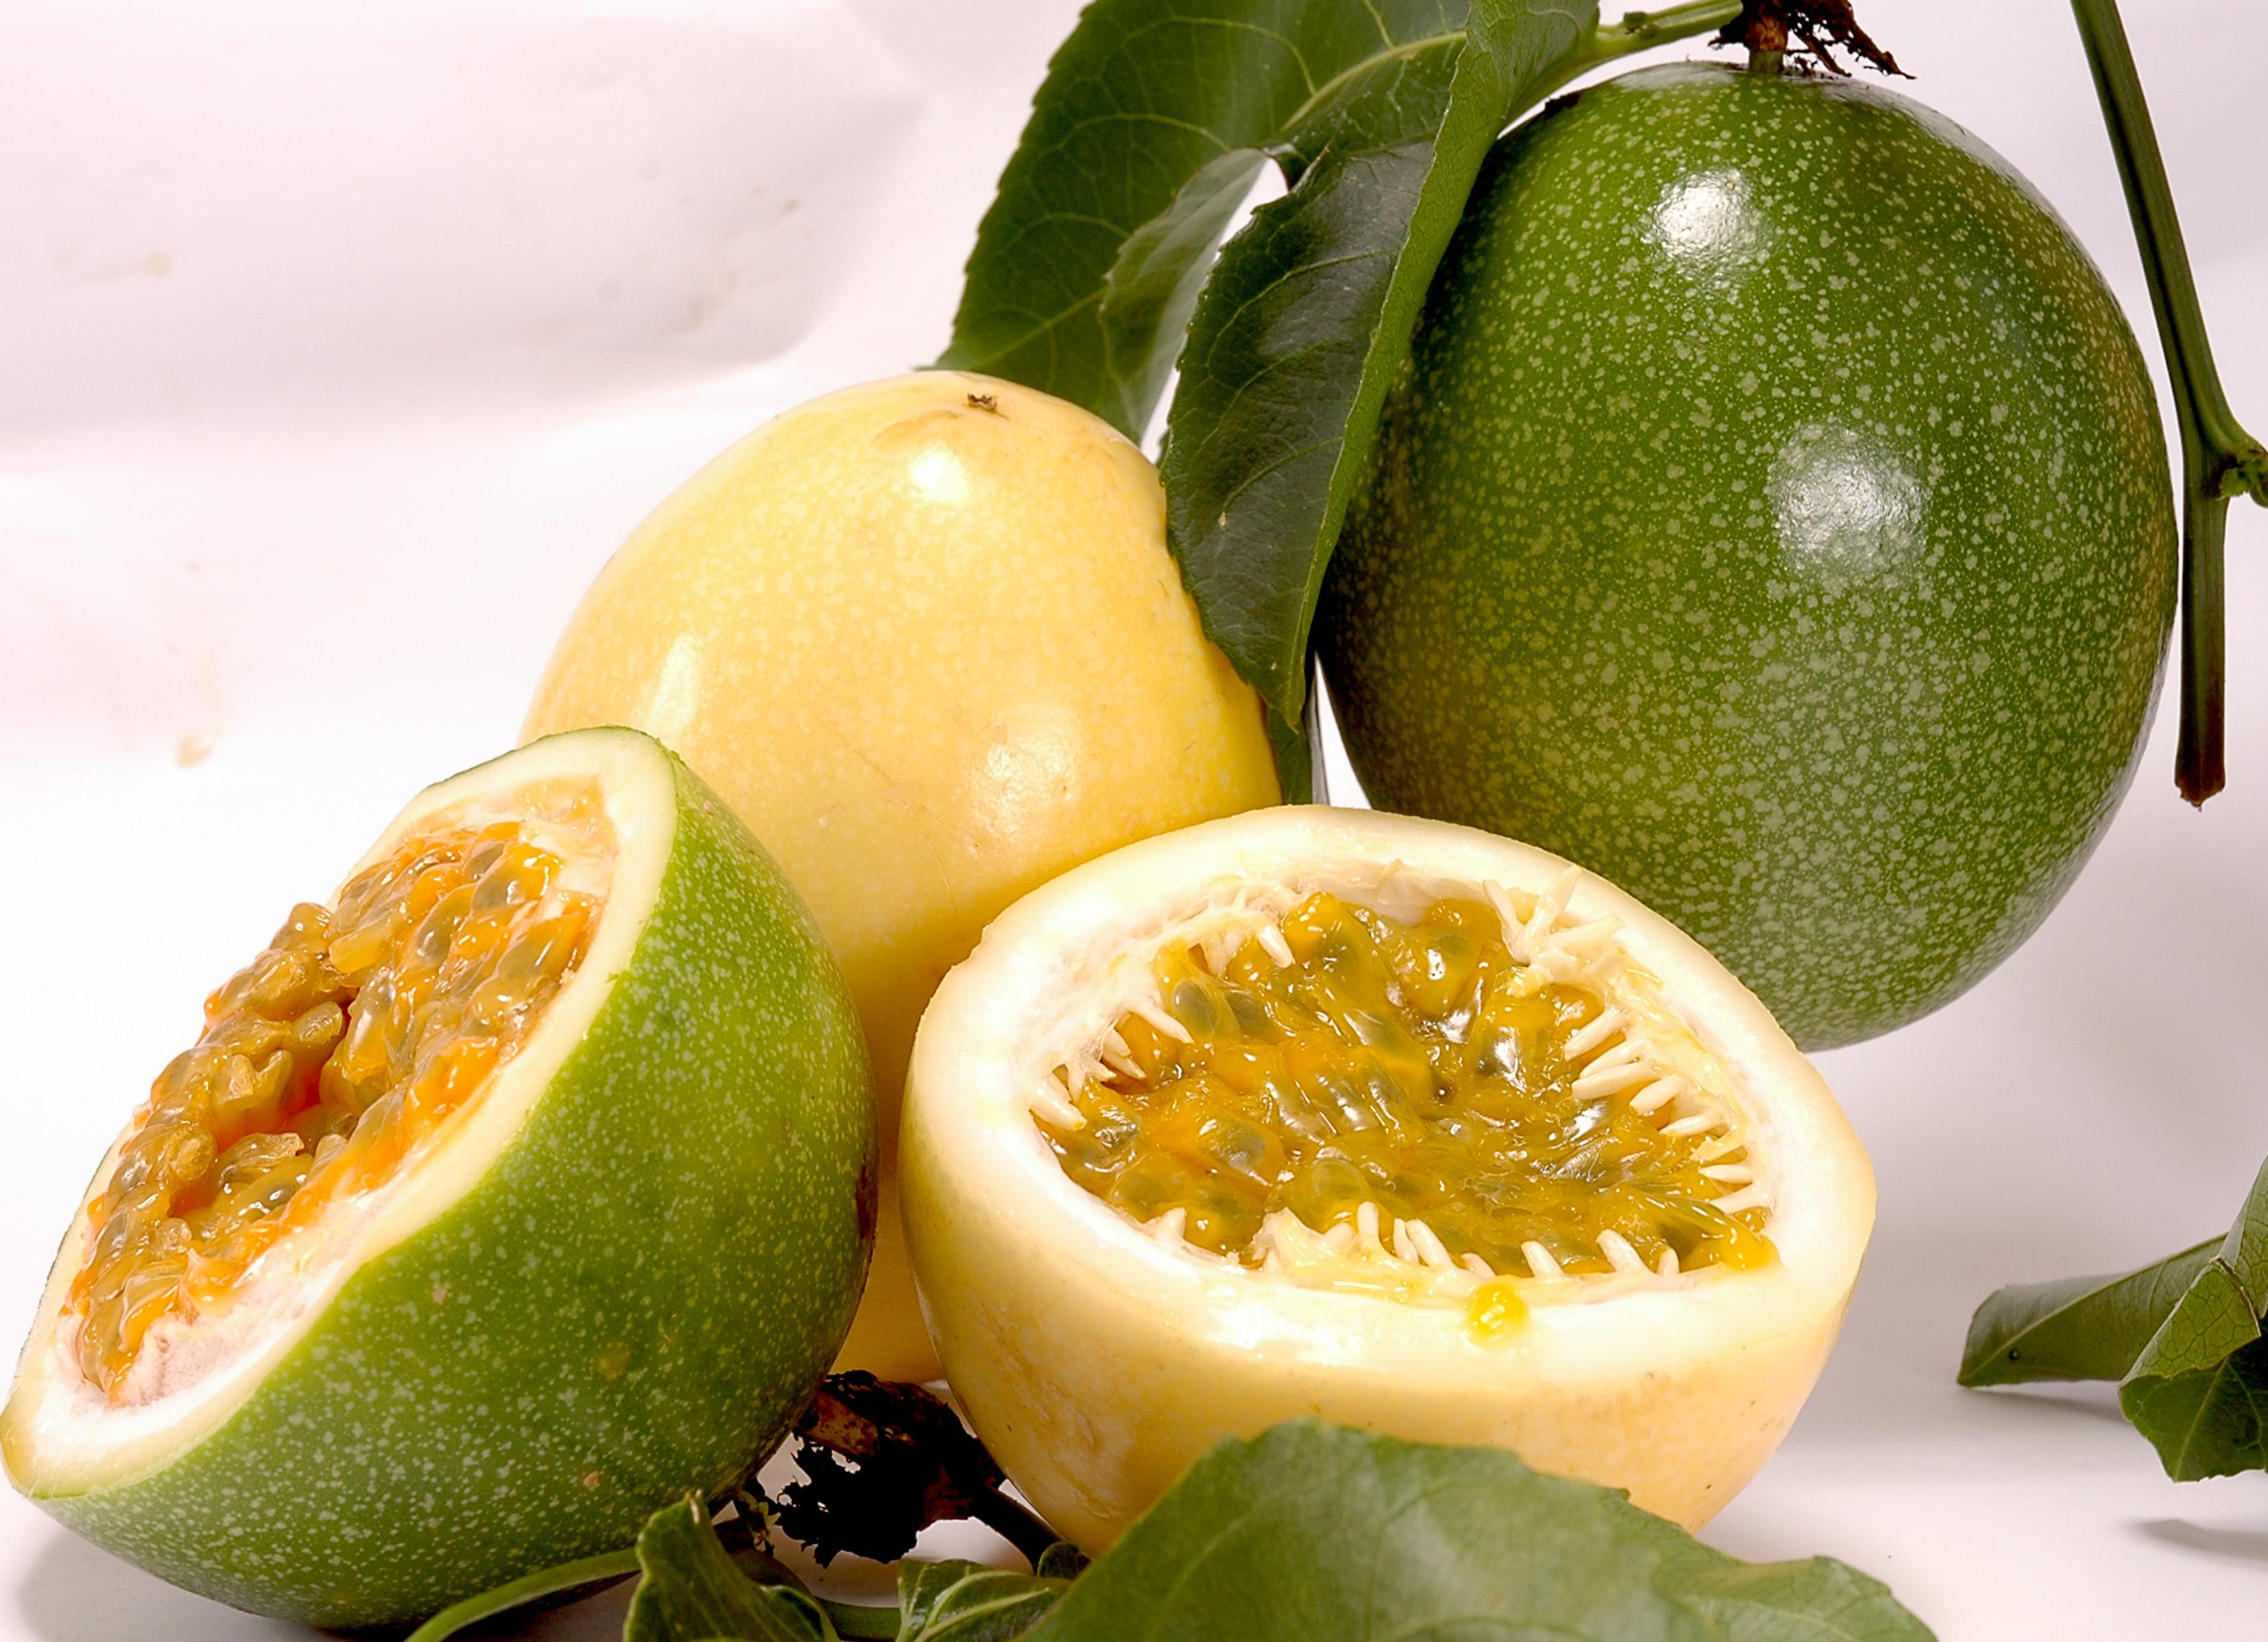 sebrae mercados, cultivo e mercado do maracujá